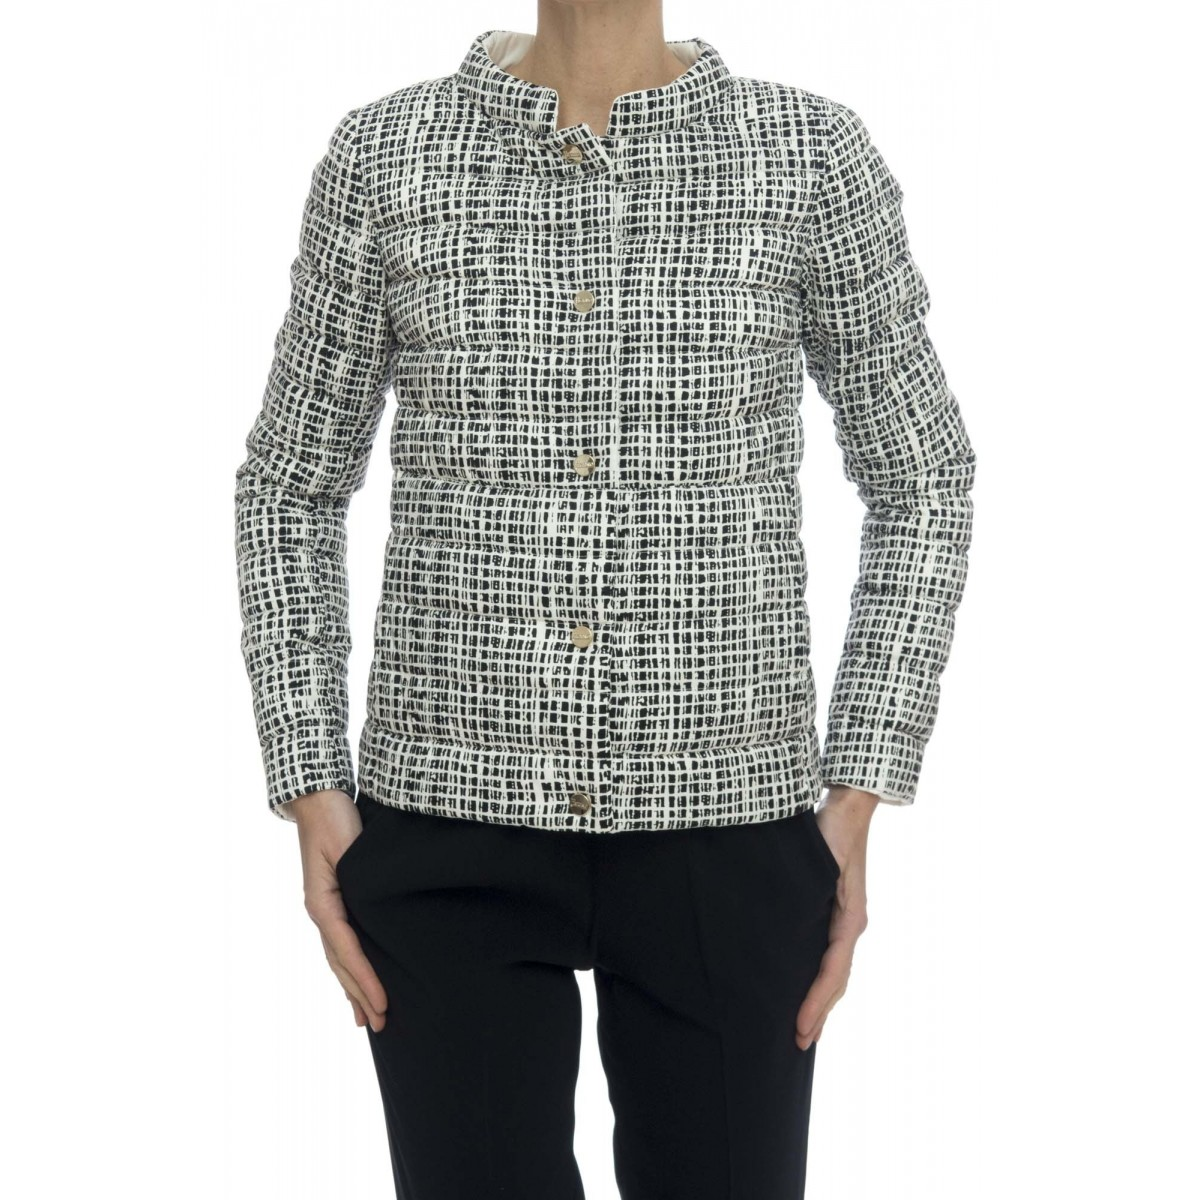 Giubbini - Pi0633d 19554 giacca stampa reversibile